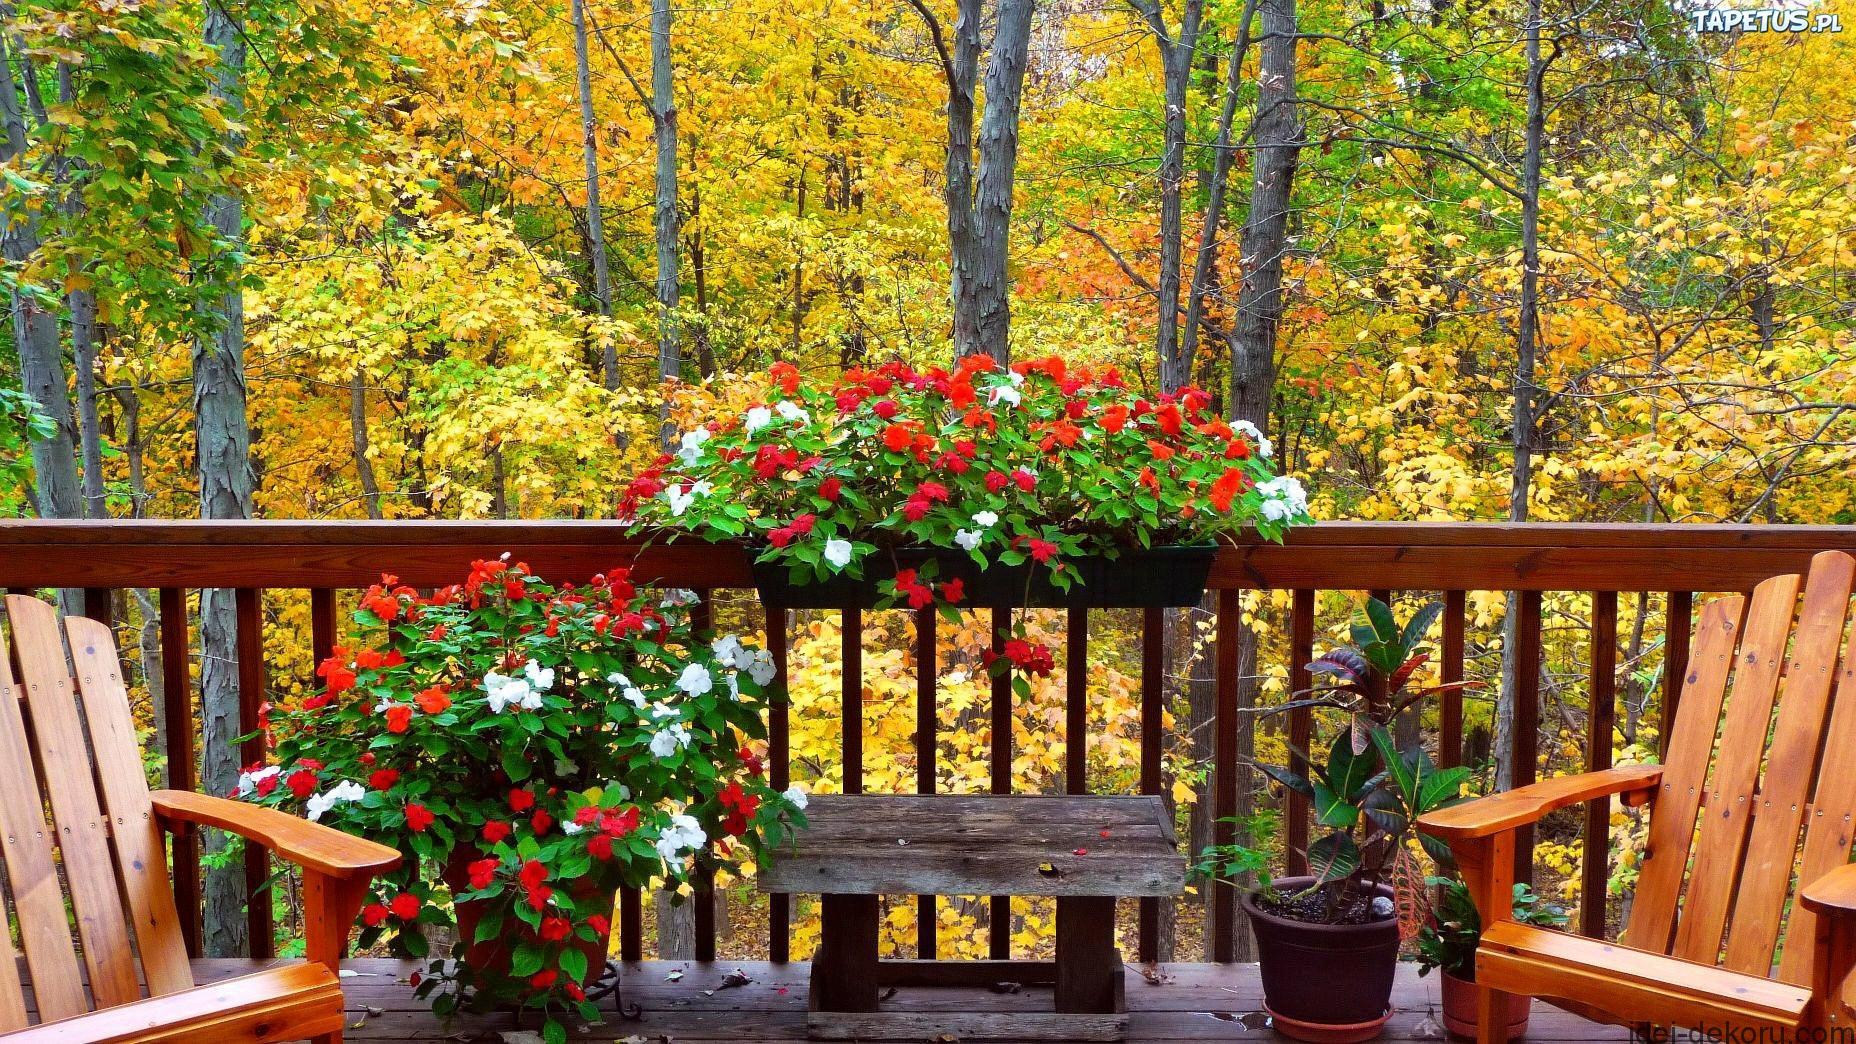 155223_jesien-las-balkon-kwiaty